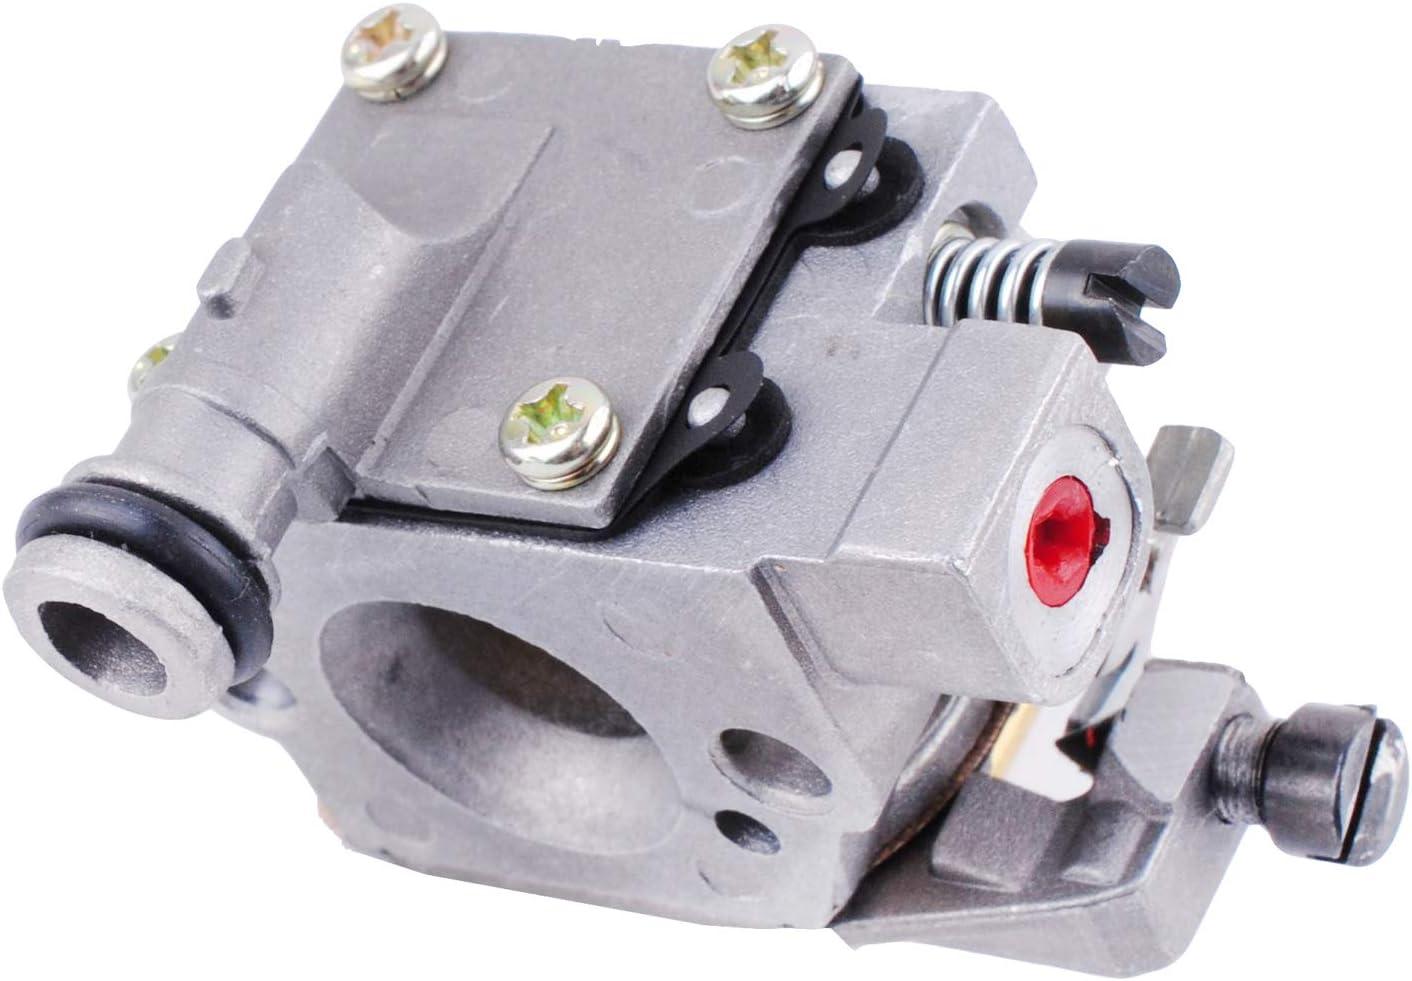 Gas para Stihl 026 ms260 MS 260